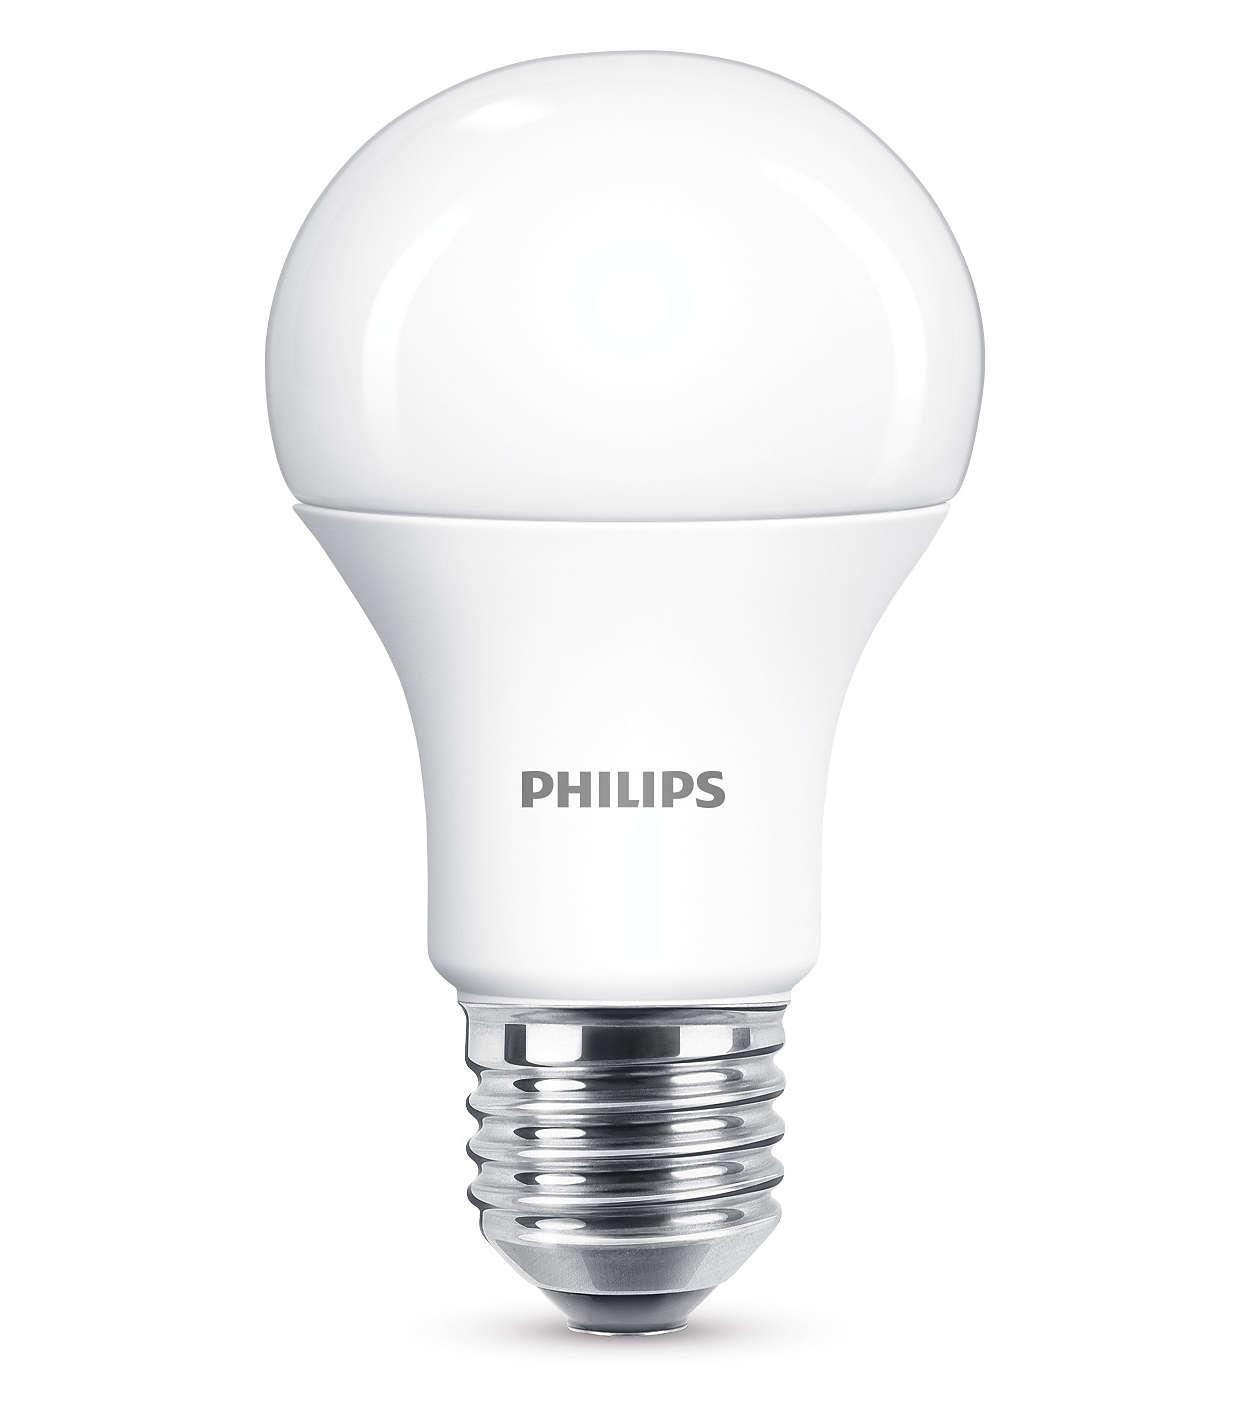 Ciepły odcień białego światła LED z możliwością przyciemniania